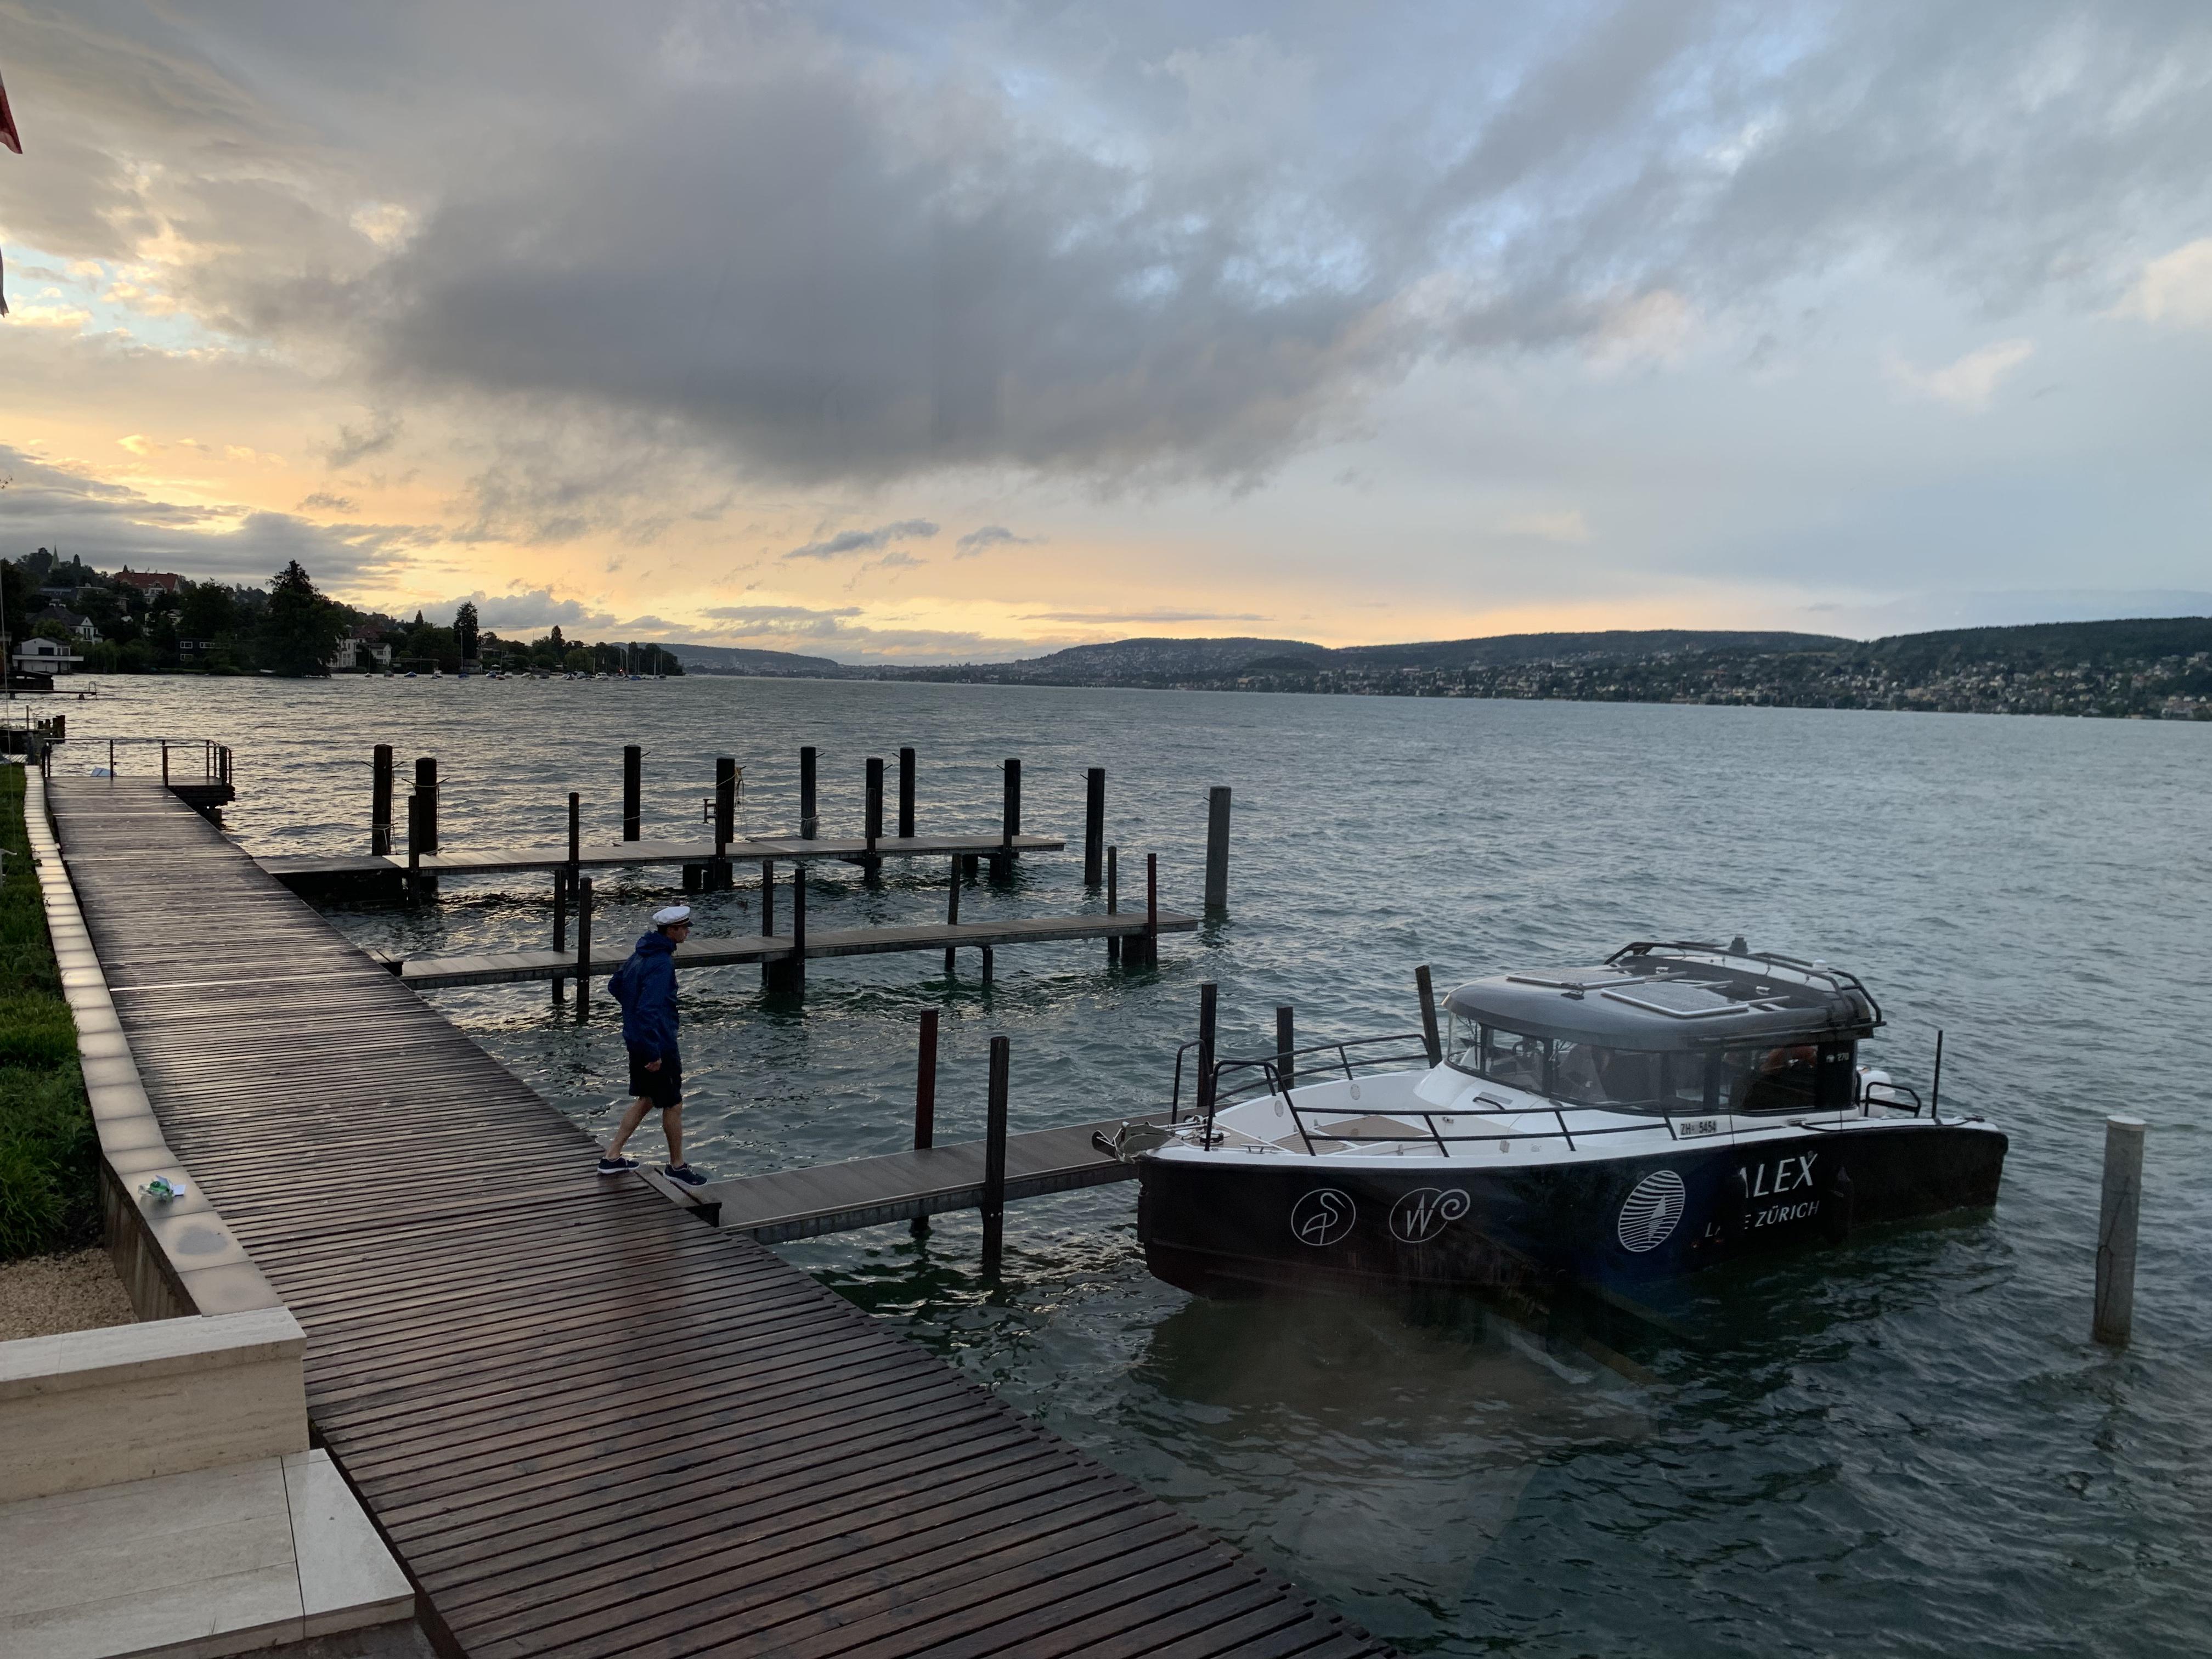 A vista do restaurante do hotel Alex e o barco com o qual cheguei até lá atracado no oíer